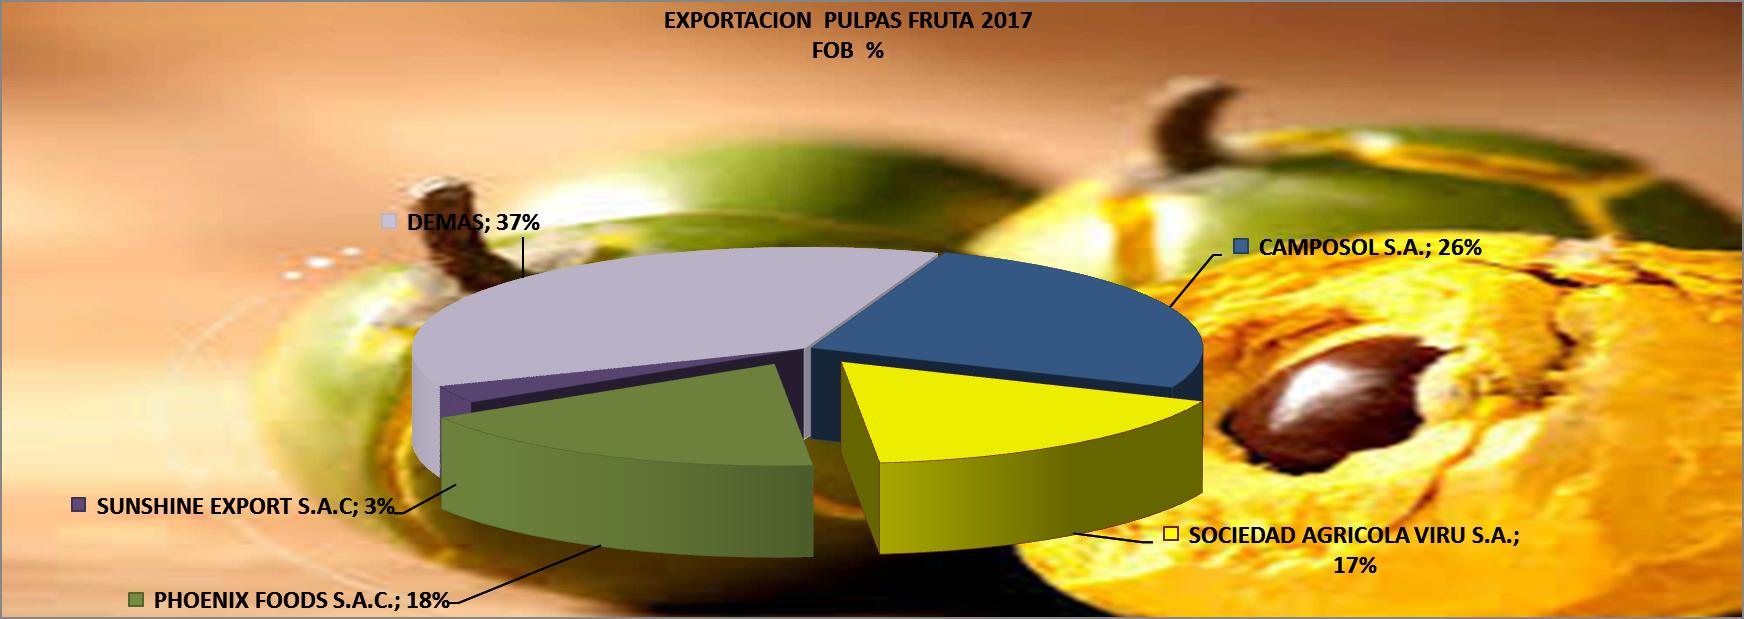 Frutas Pulpas Varias Perú Exportación  2017 Febrero 2017